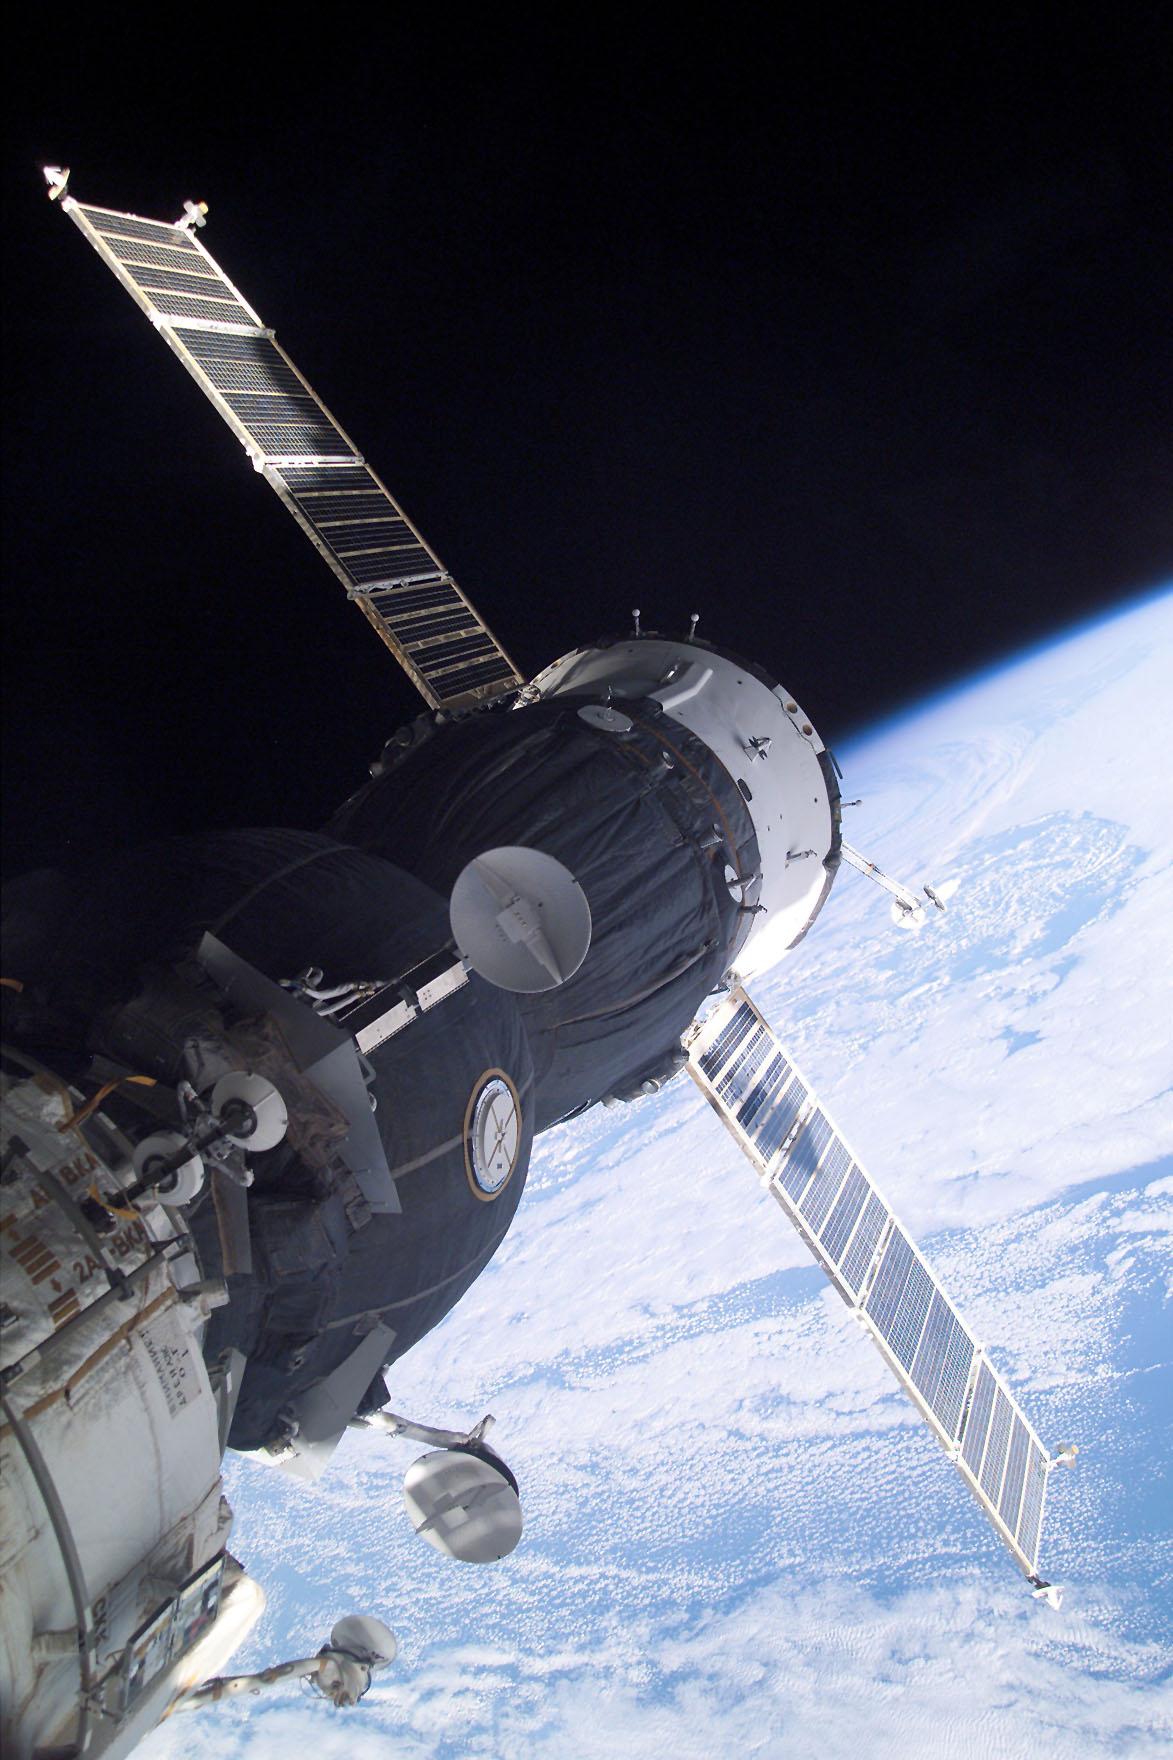 Ende November 2000 begann der erste langfristige Aufenthalt einer Crew auf der ISS, seitdem ist sie durchgehend bemannt. Foto: djd/National Geografic Channel/NASA